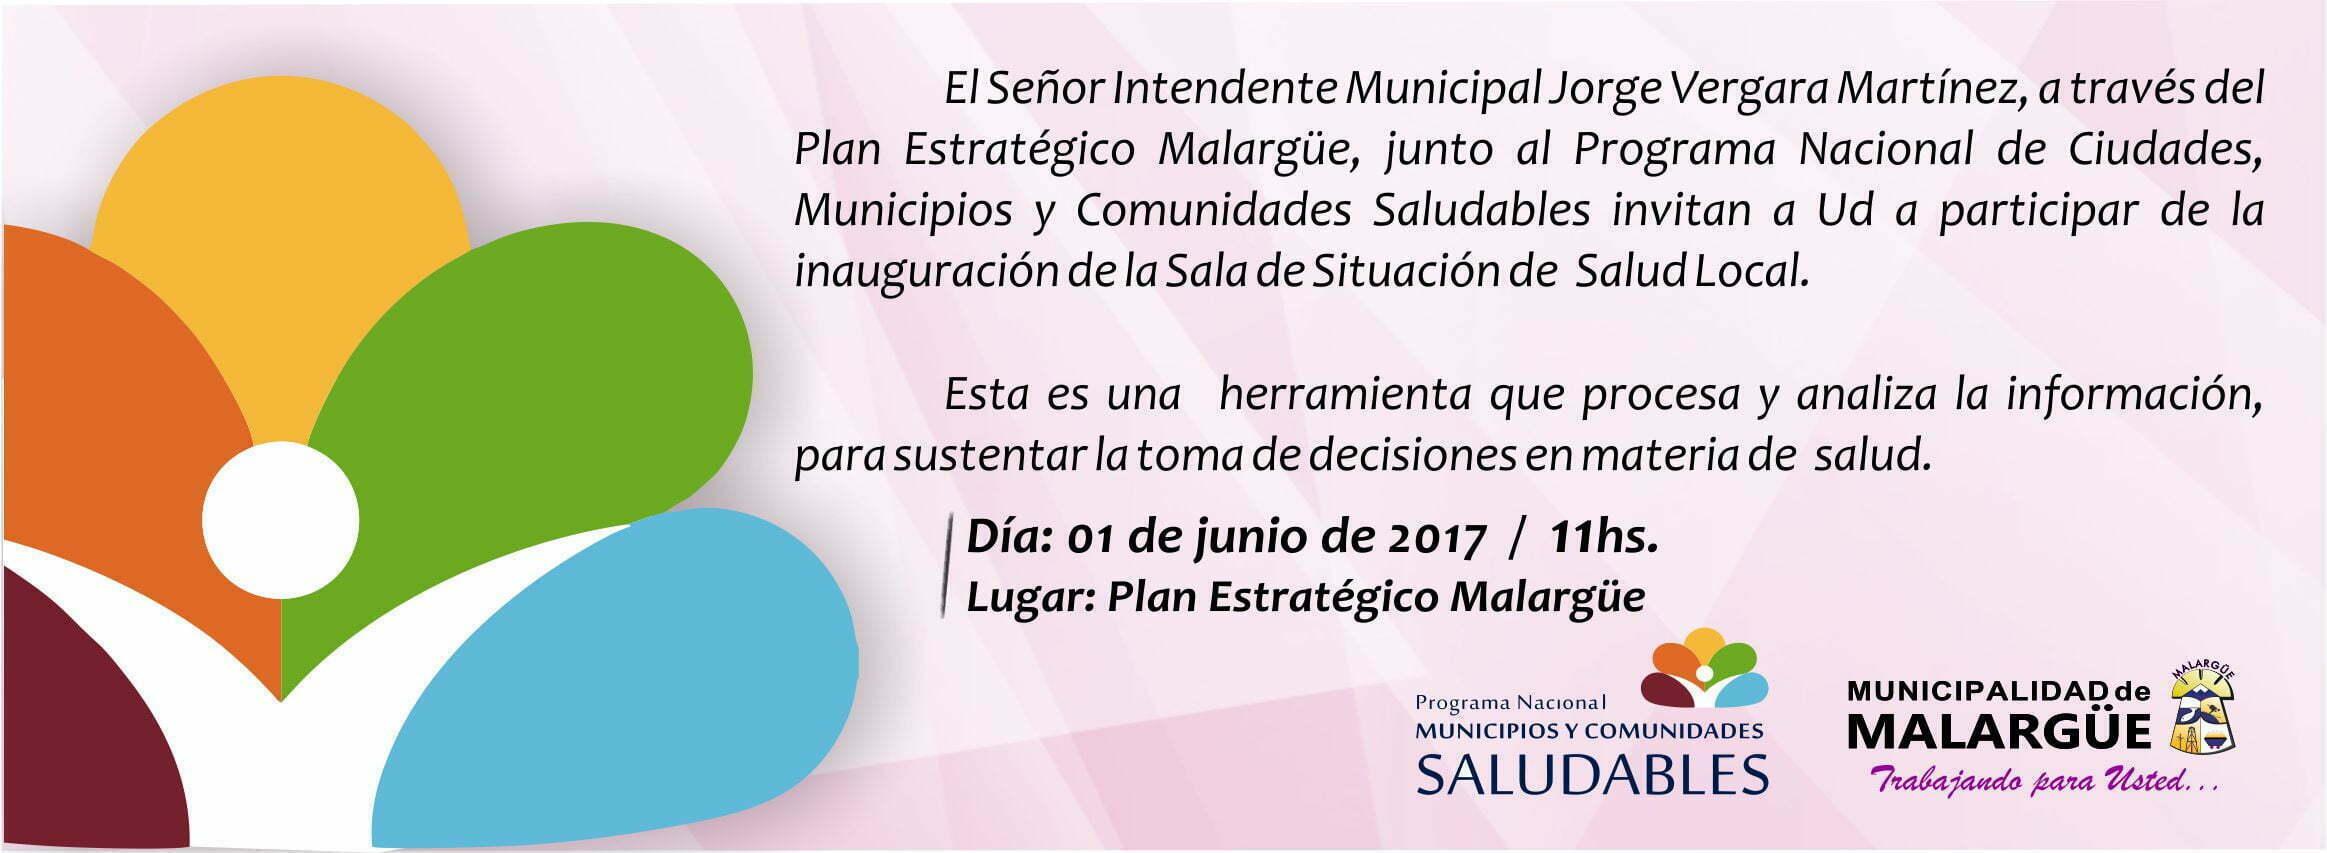 Invitación del Sr. Intendente Municipal Dn. Jorge Vergara Martinez a la Inauguración de la sala de Situación de Salud Local